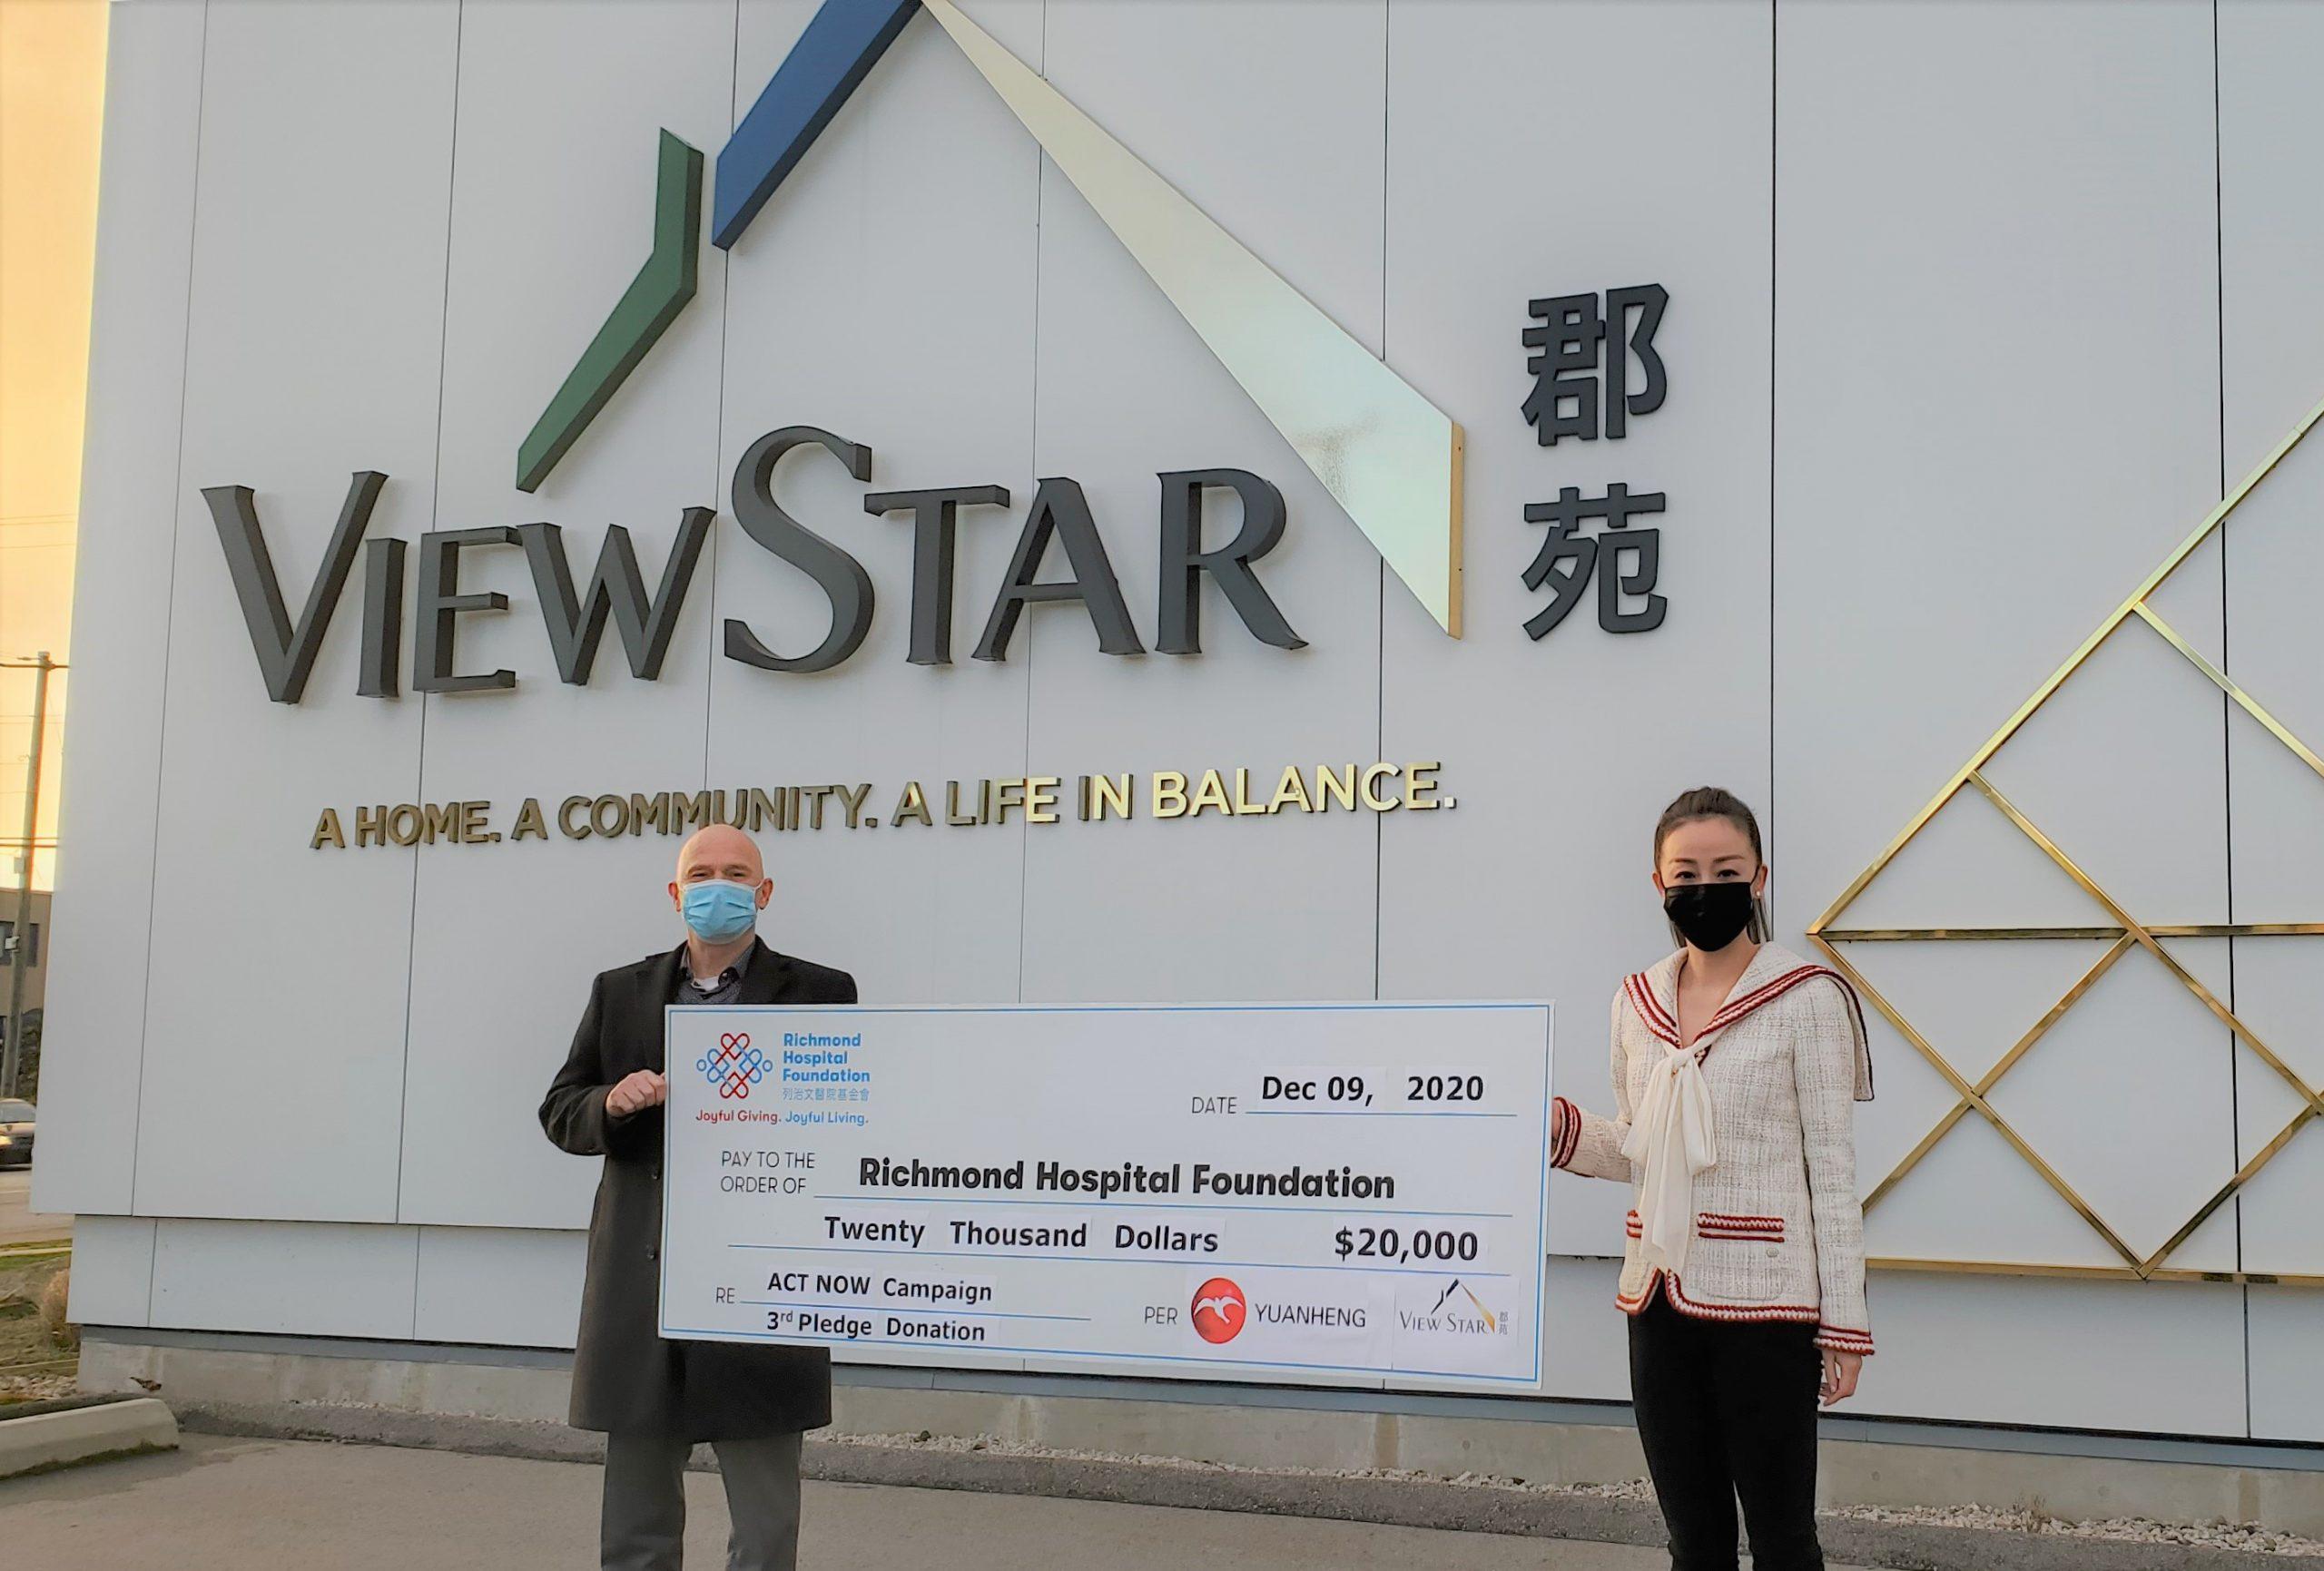 元亨控股公司捐赠$20,000 协助列治文兴建全新急症护理大楼